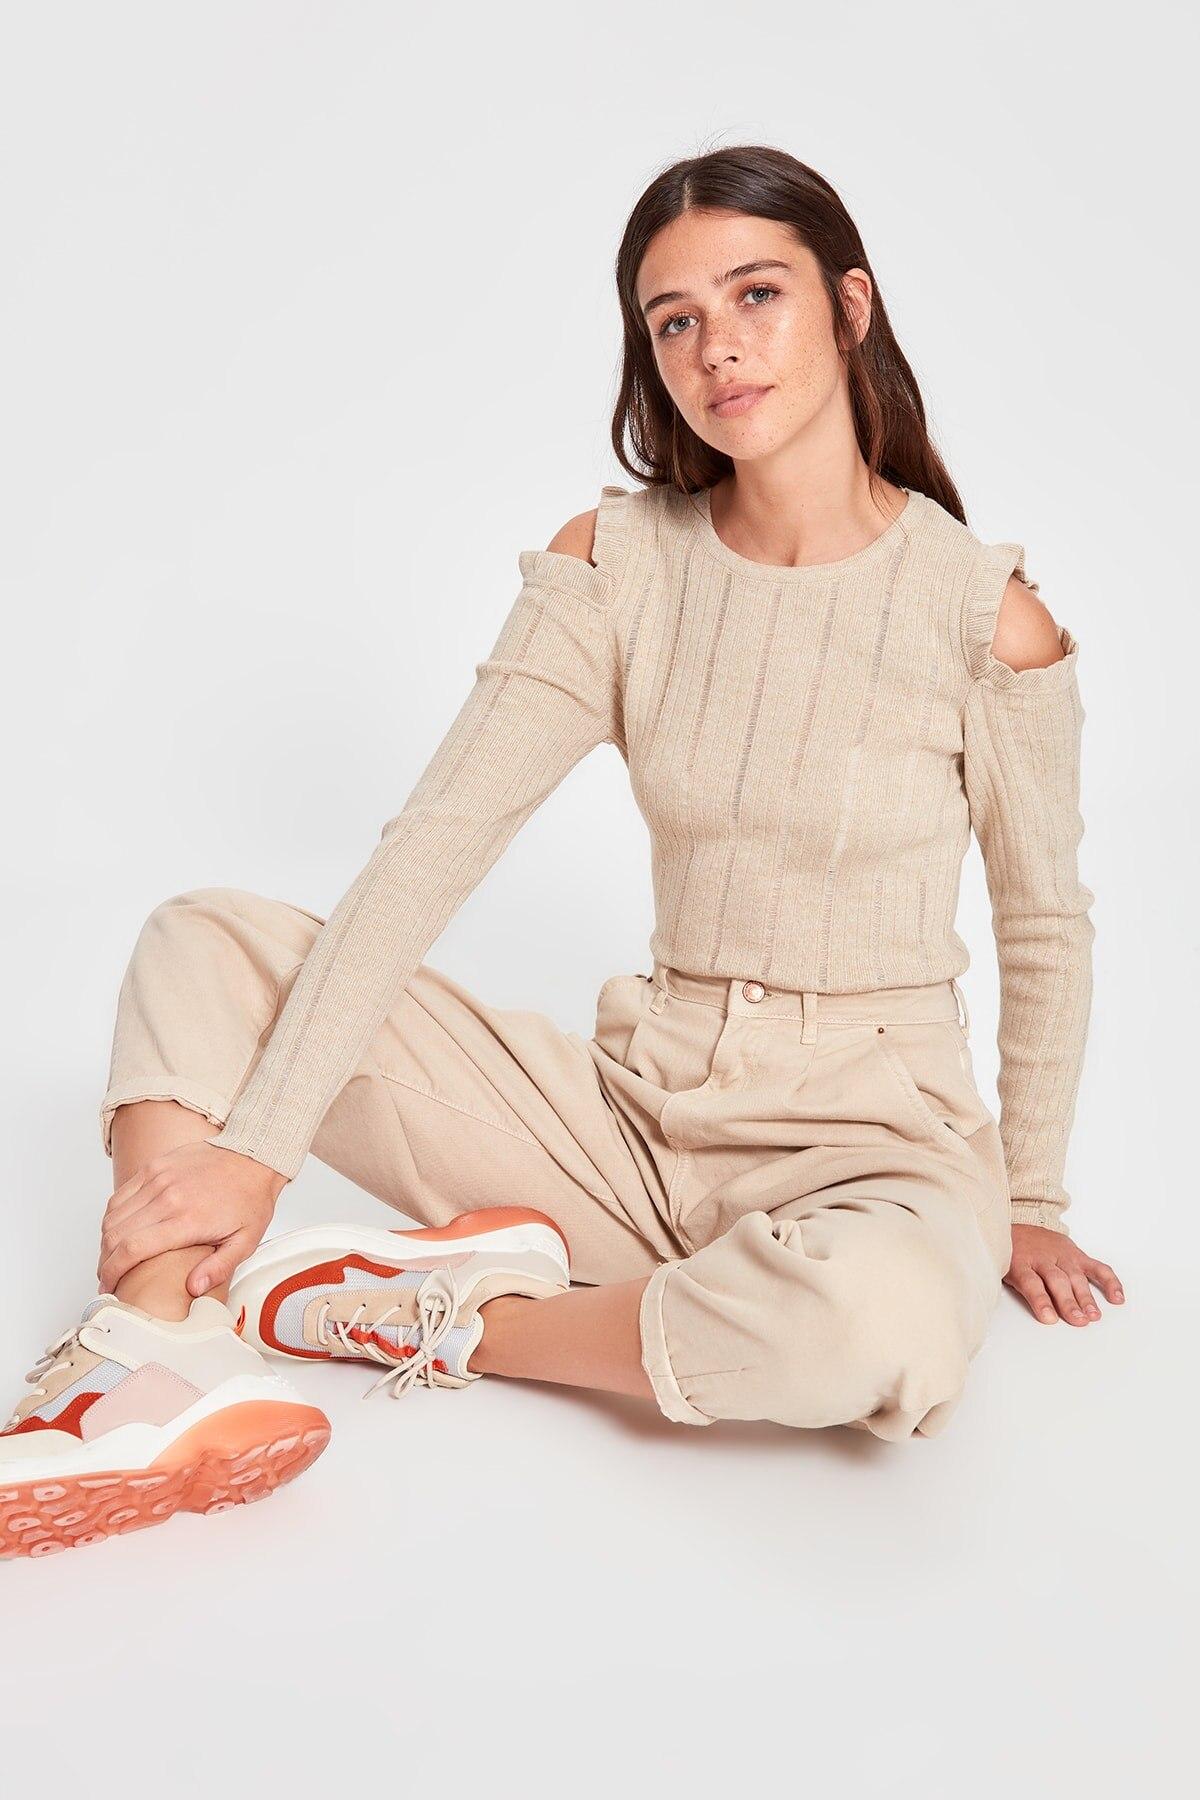 Trendyol Cut Out Detail Sweater Sweater TWOAW20KZ0433